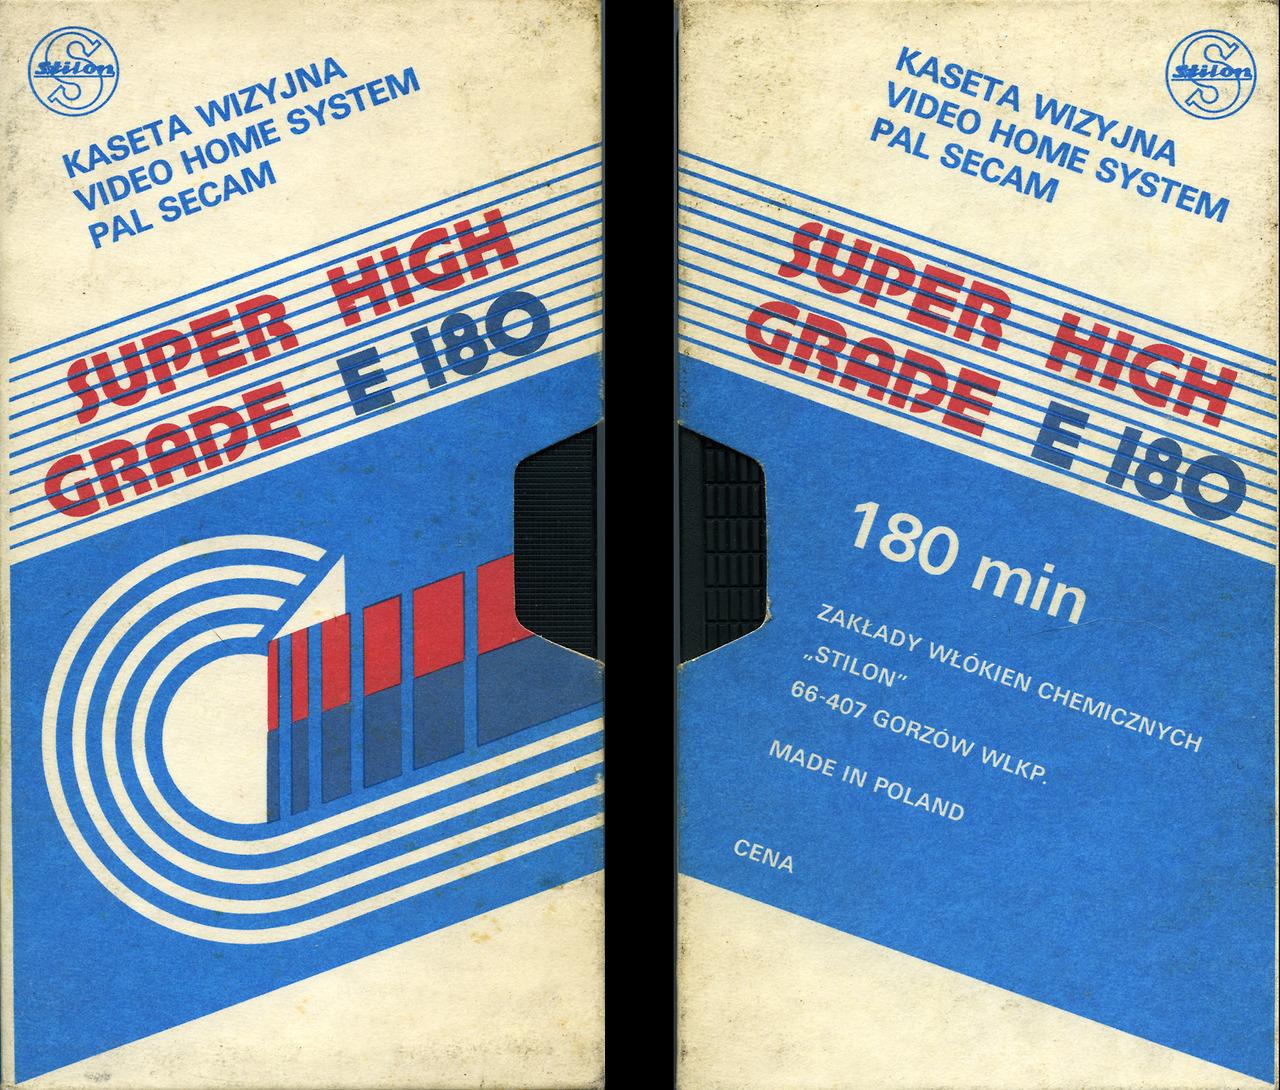 Martwe media: VHS, czyli standard kina domowego z lat osiemdziesiątych